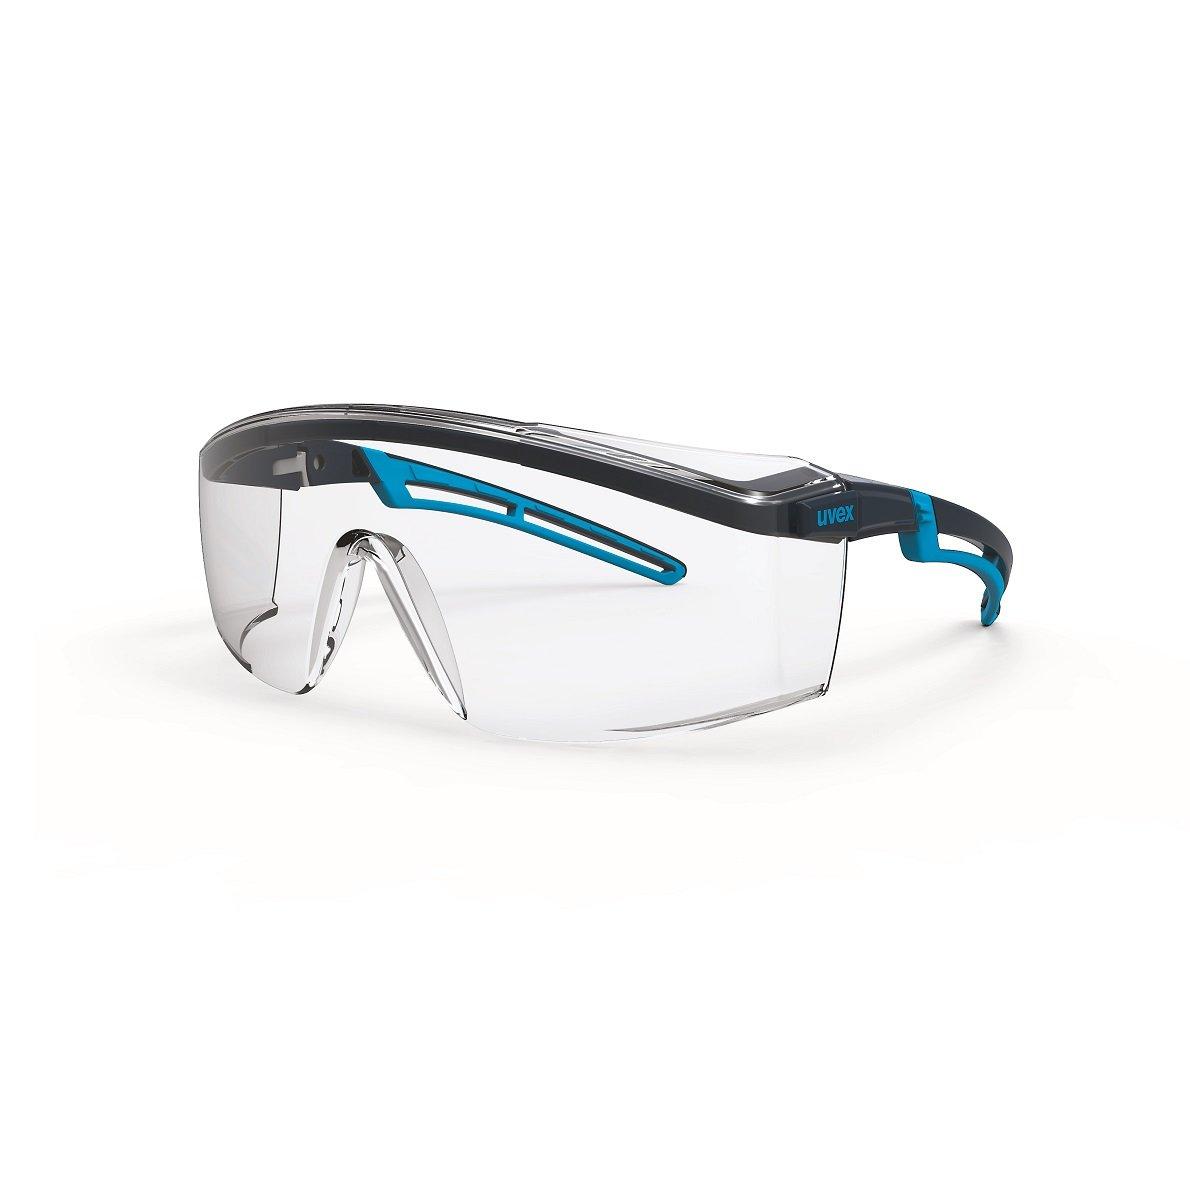 Uvex Schutzbrille astrospec 2.0 9164065 Schwarz, Blau